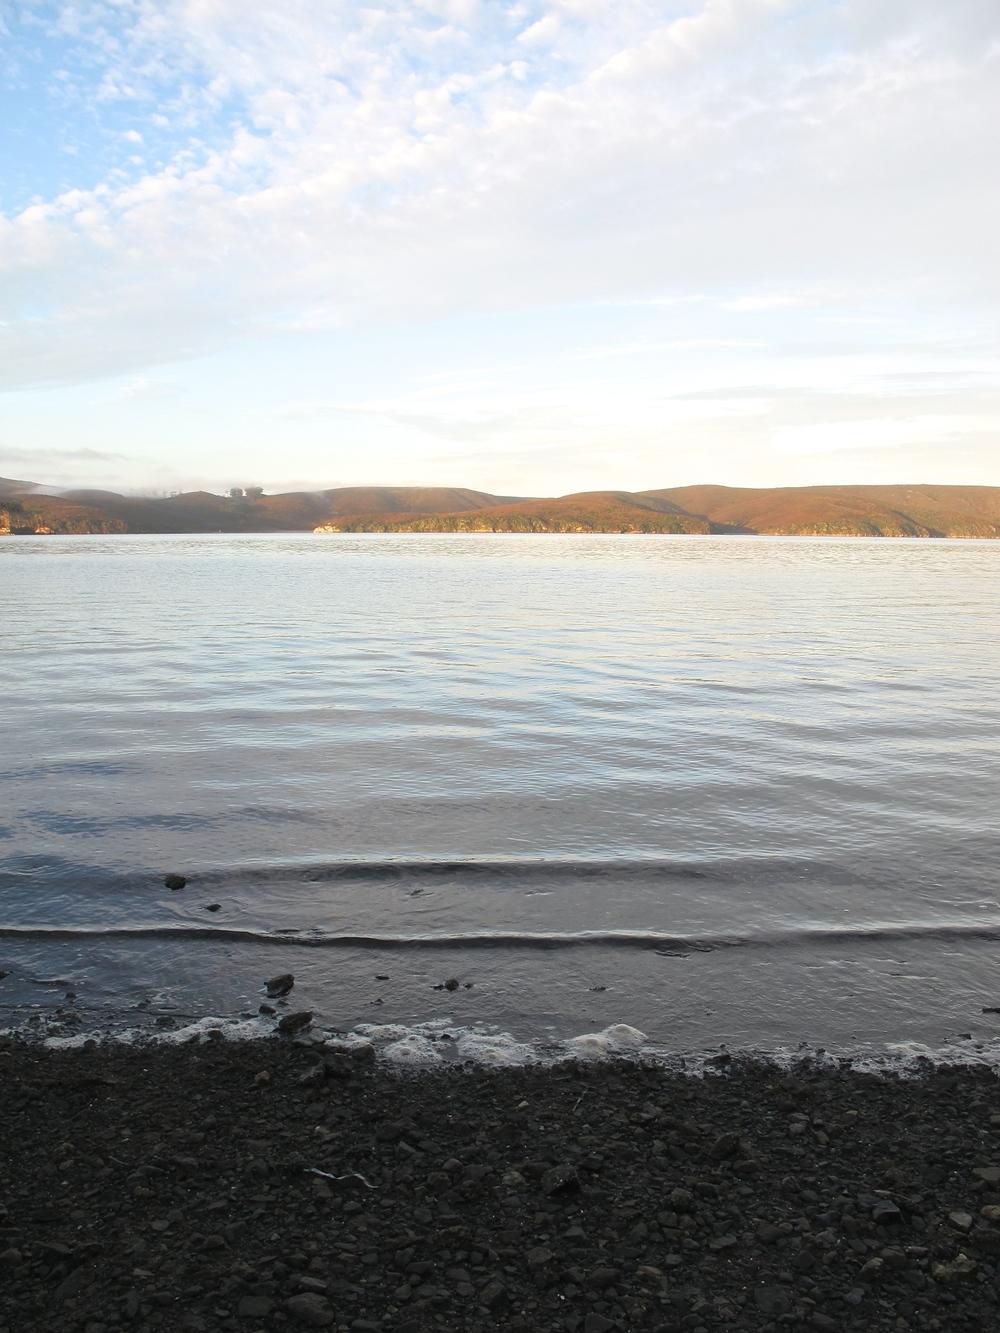 West Marin